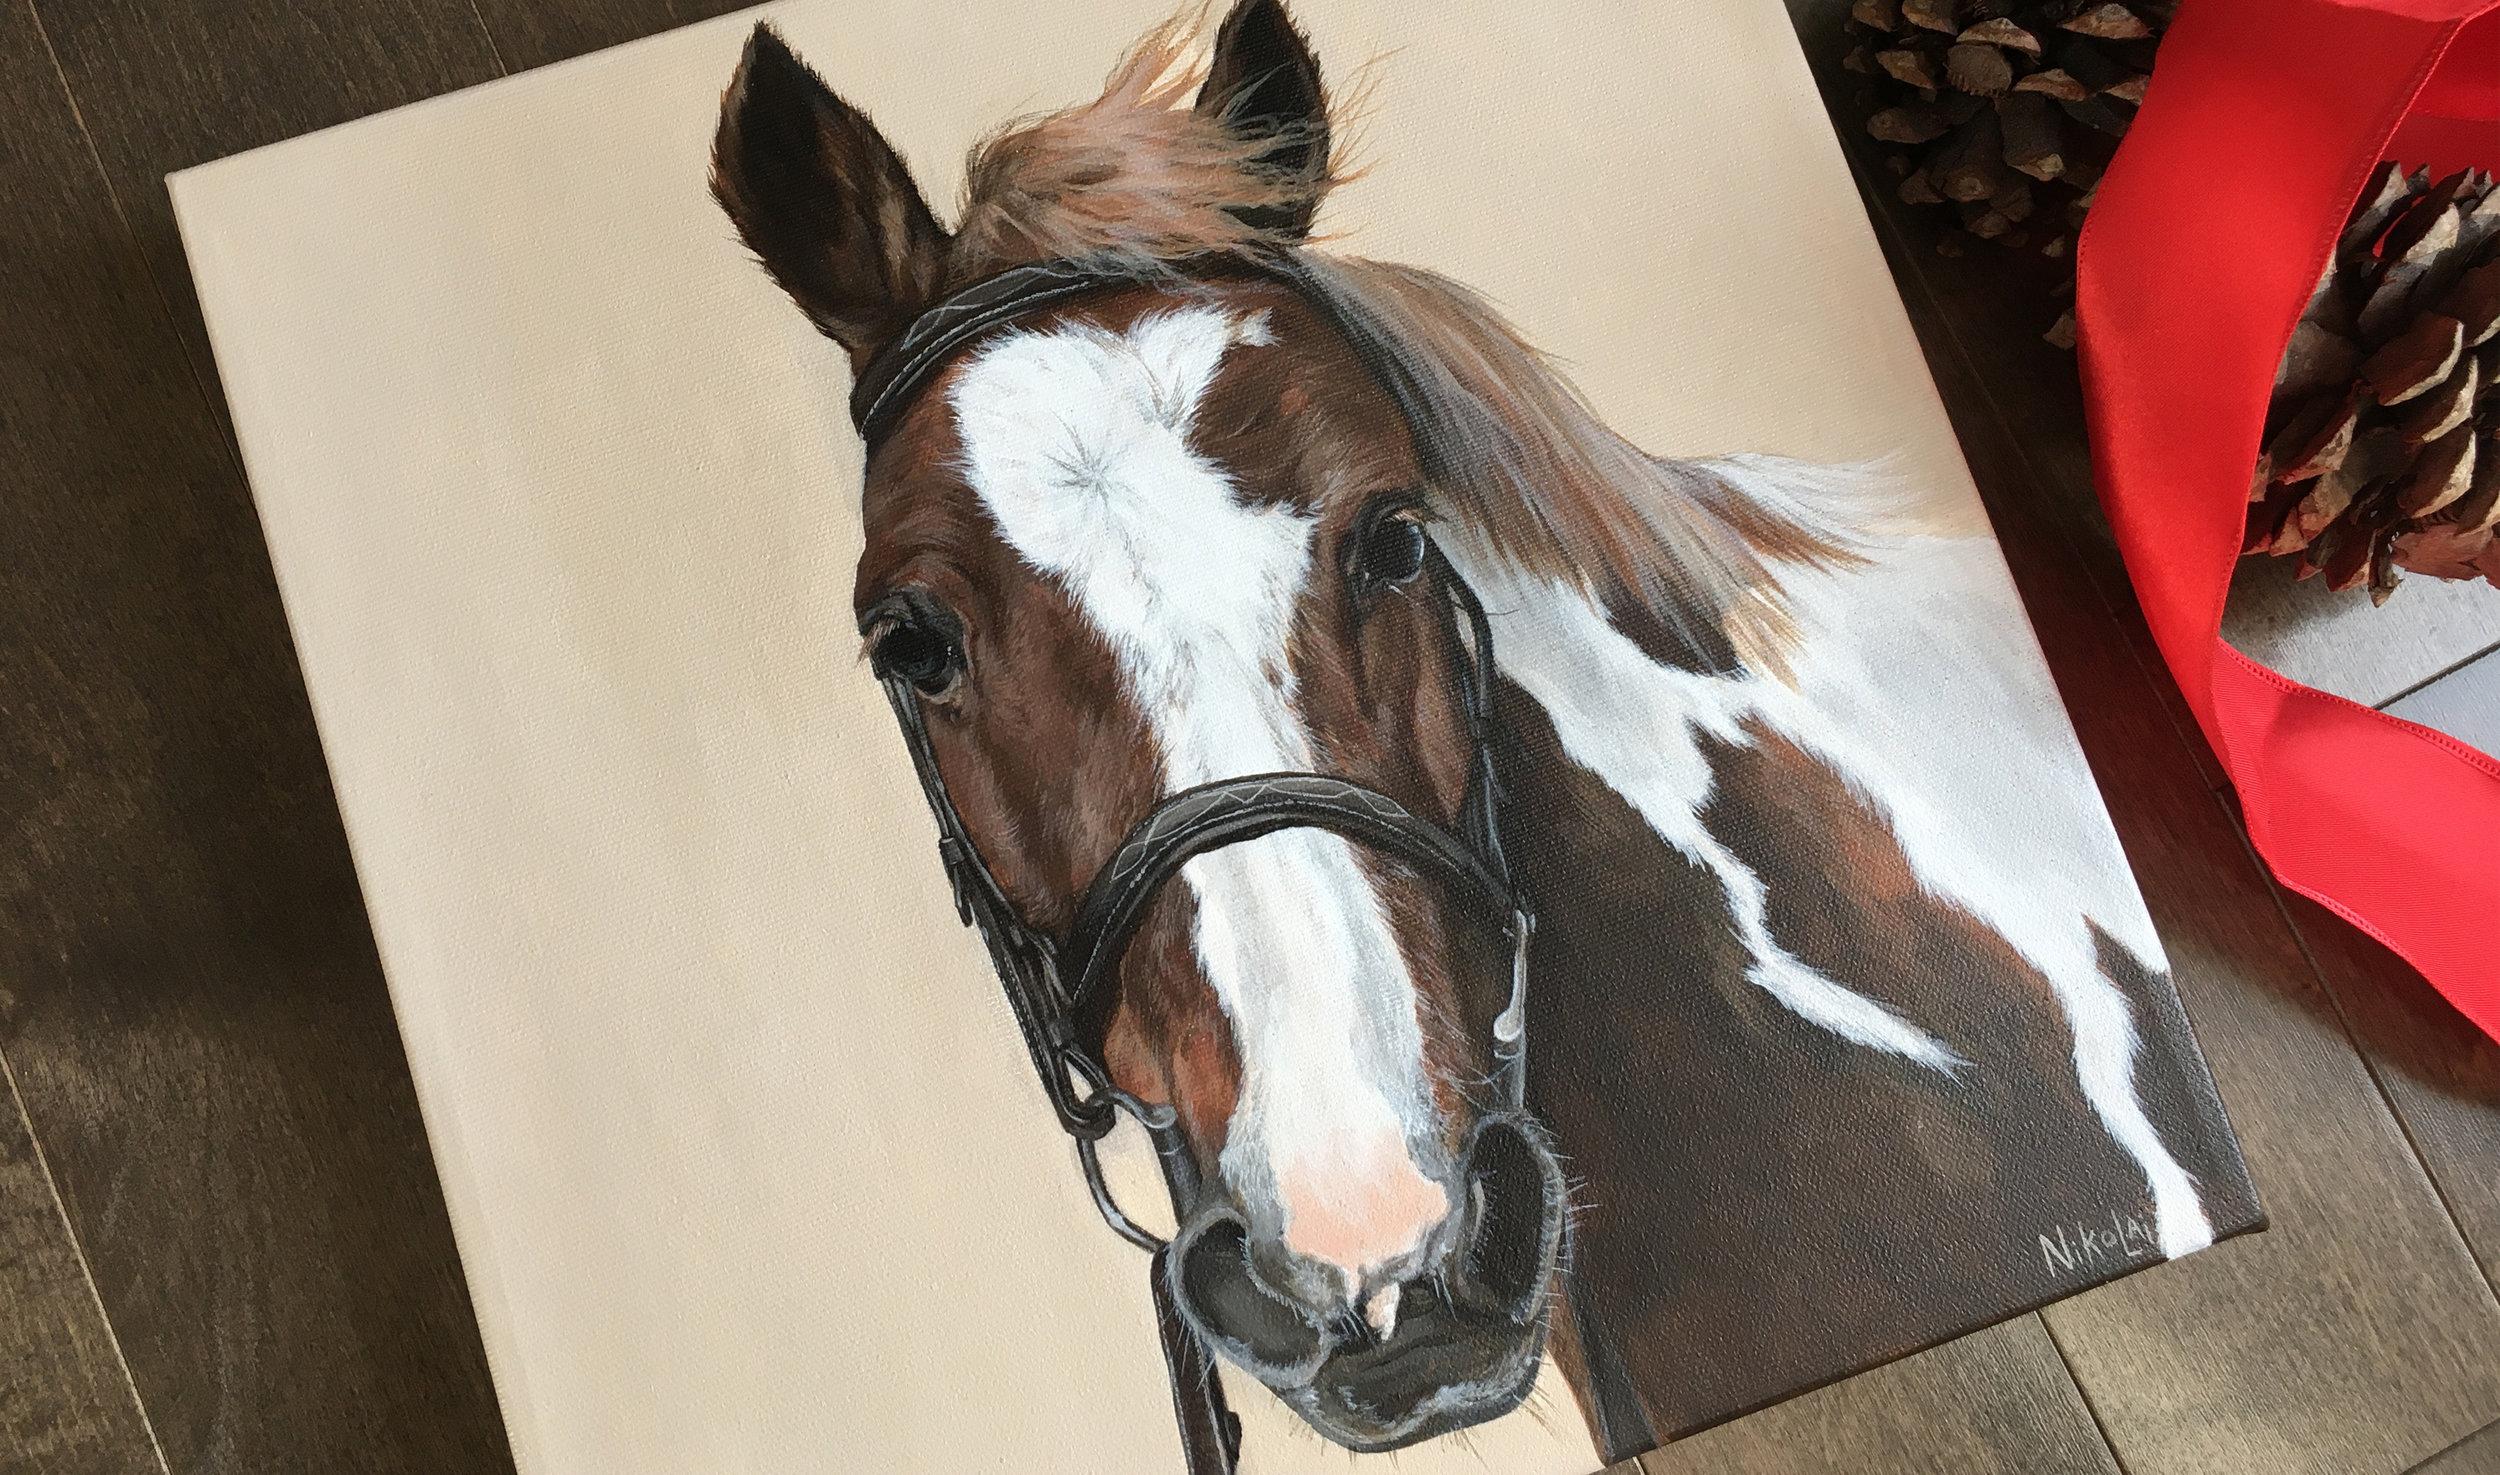 Fancy Nancy (Paint pony) portrait painting